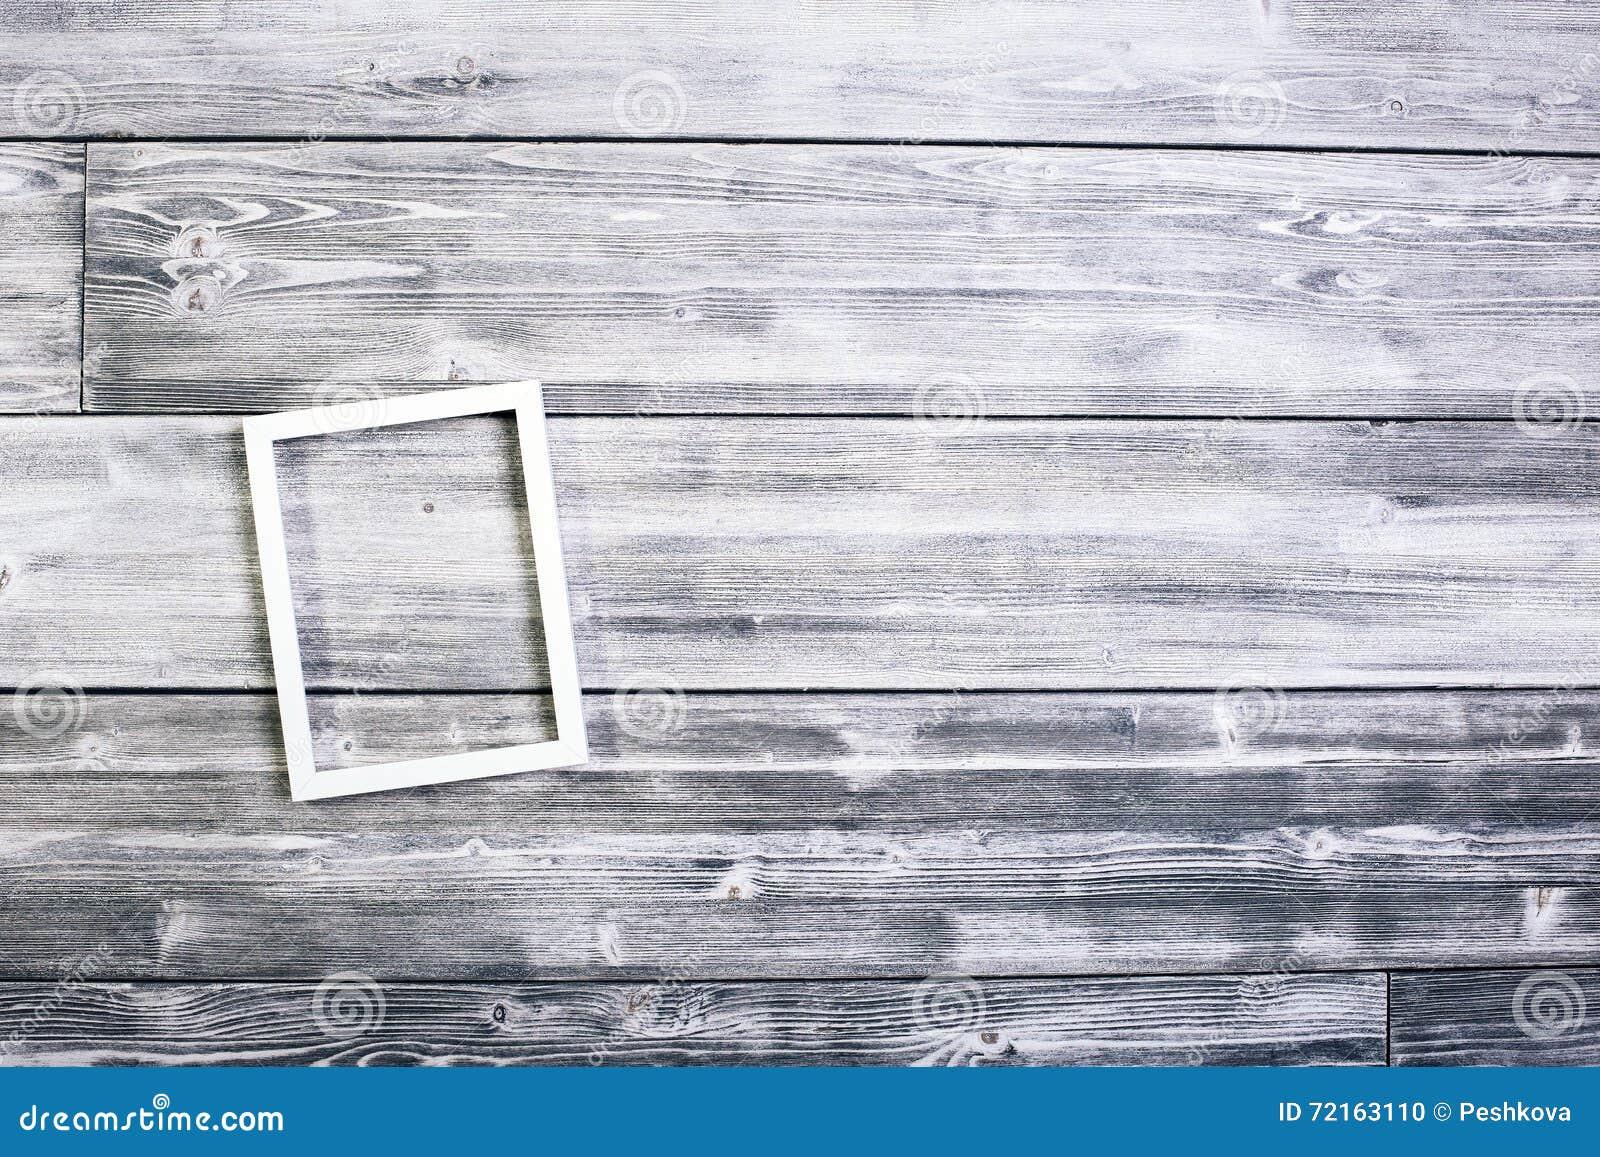 Blank see through frame stock photo. Image of portfolio - 72163110